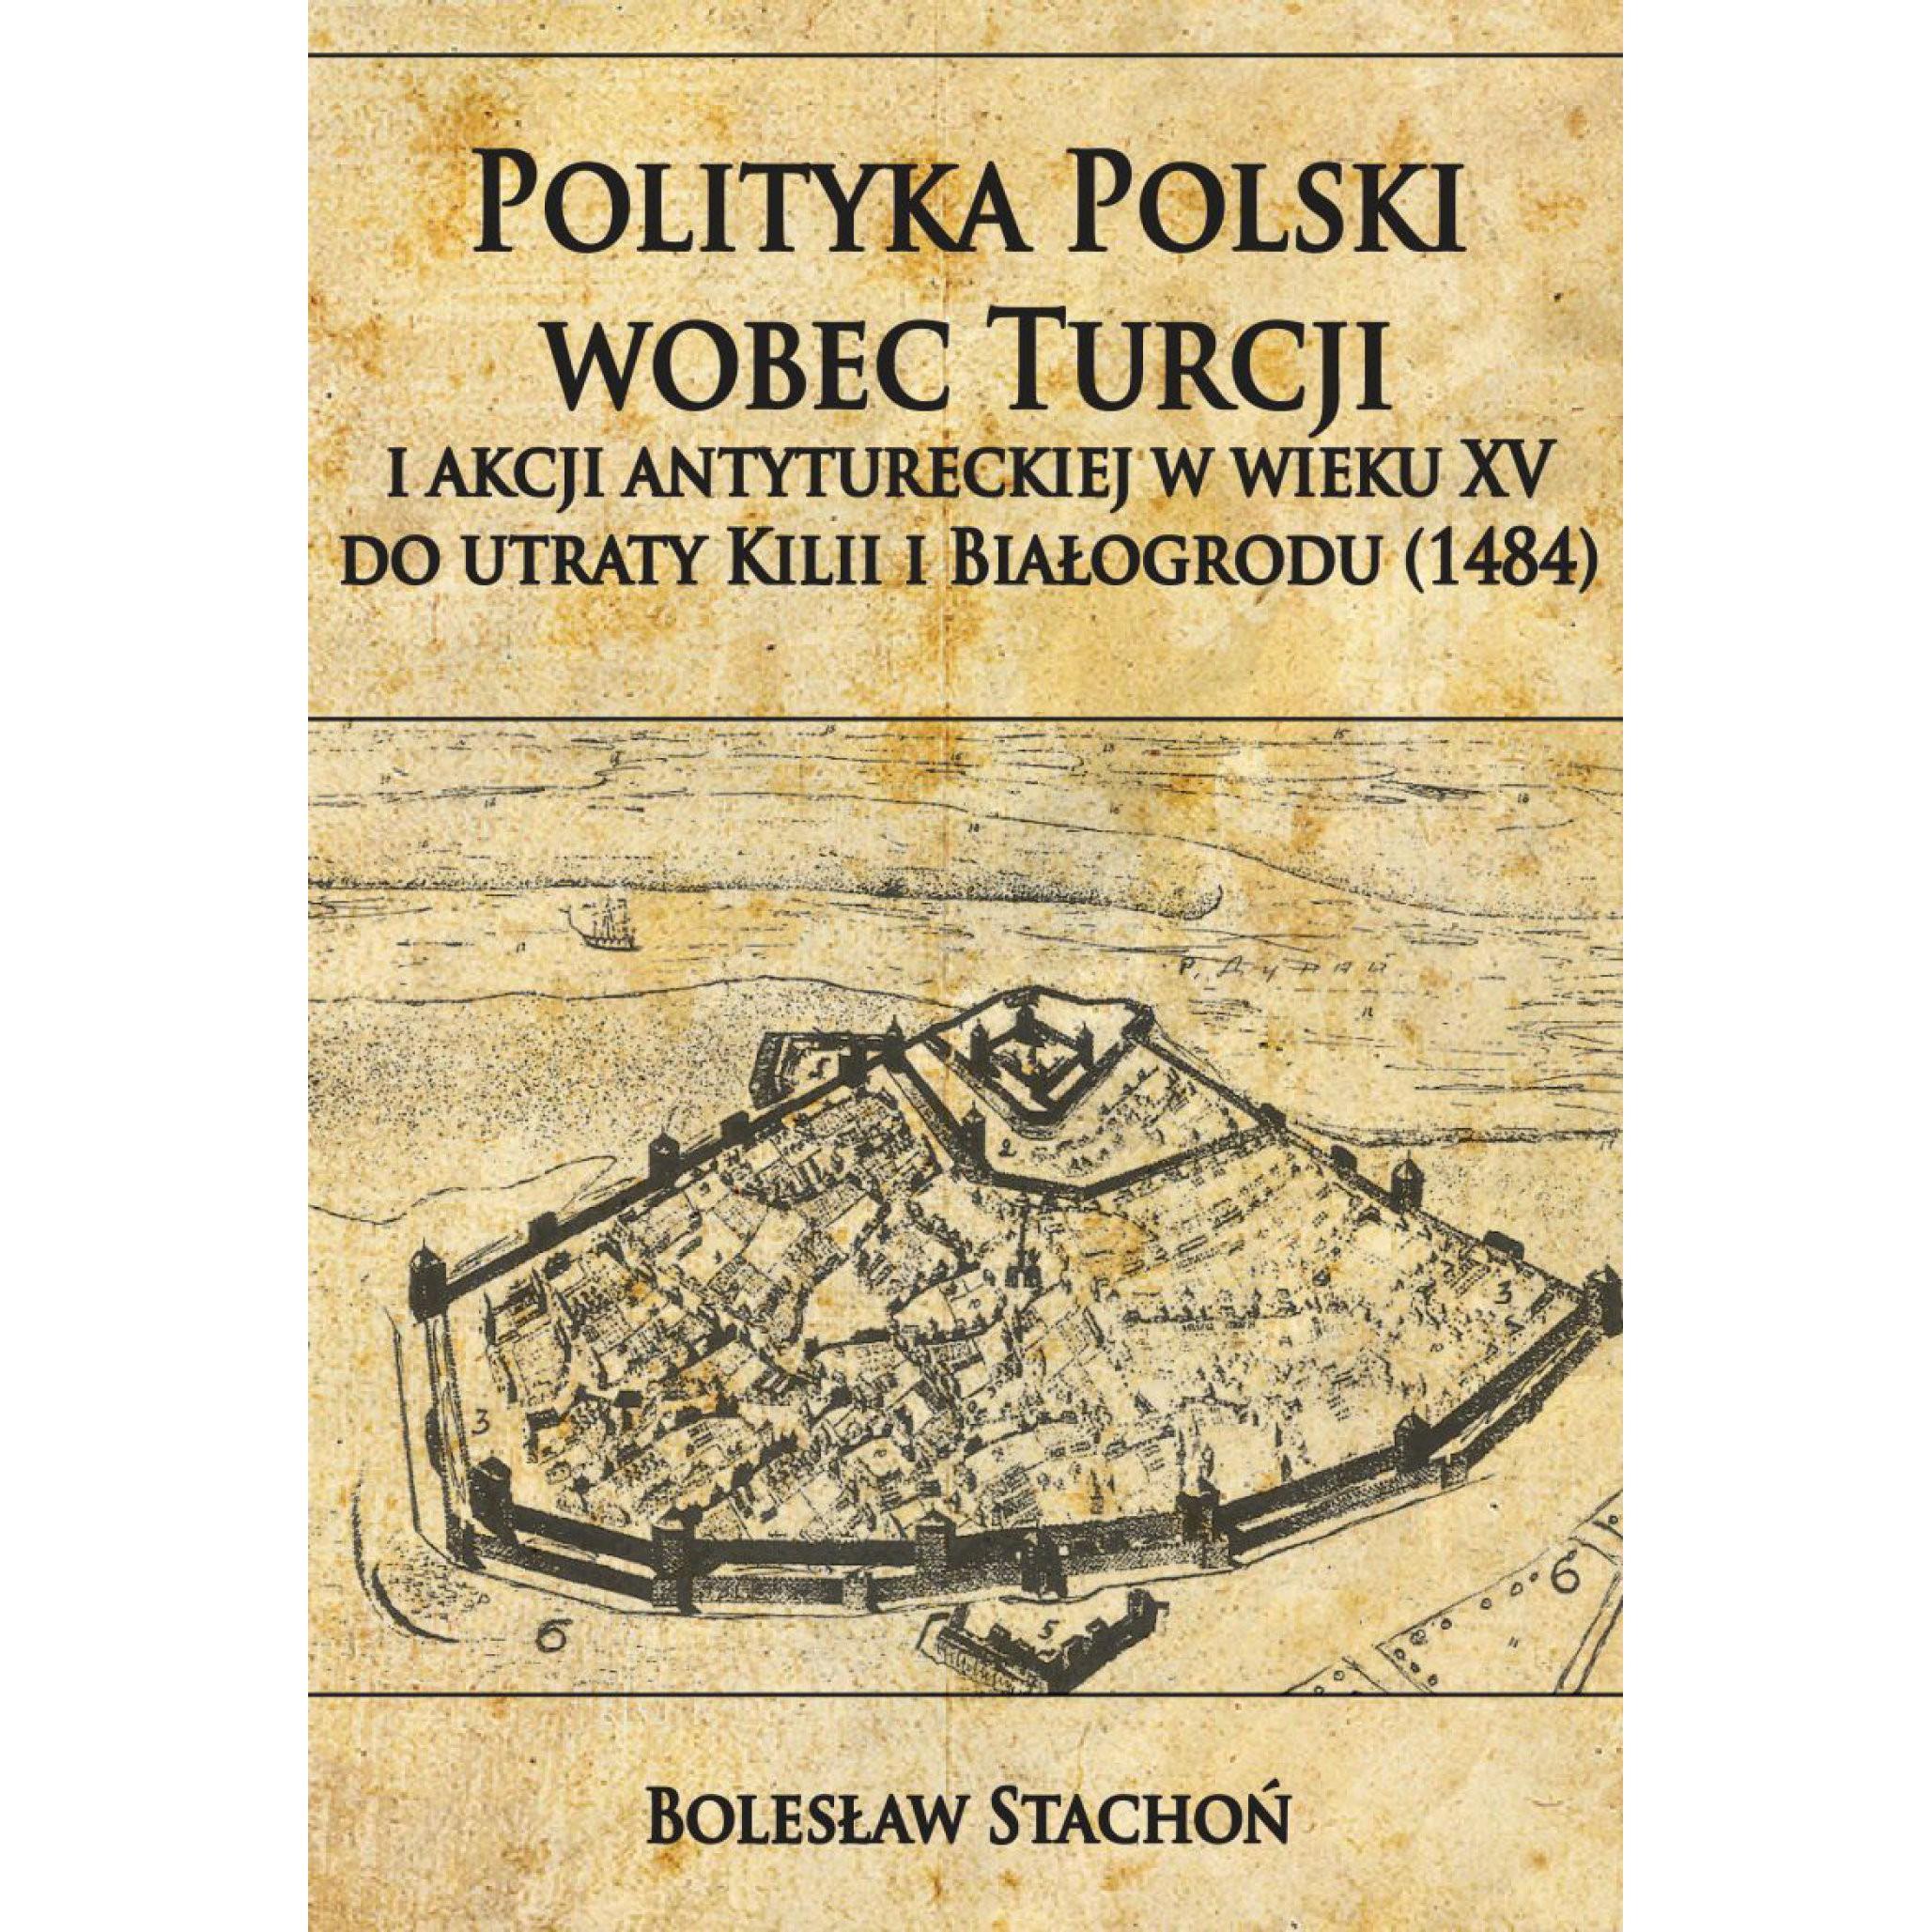 Polityka Polski wobec Turcji i akcji antytureckiej w wieku XV do utraty Kilii i Białogrodu (1484) jest księga o koniach